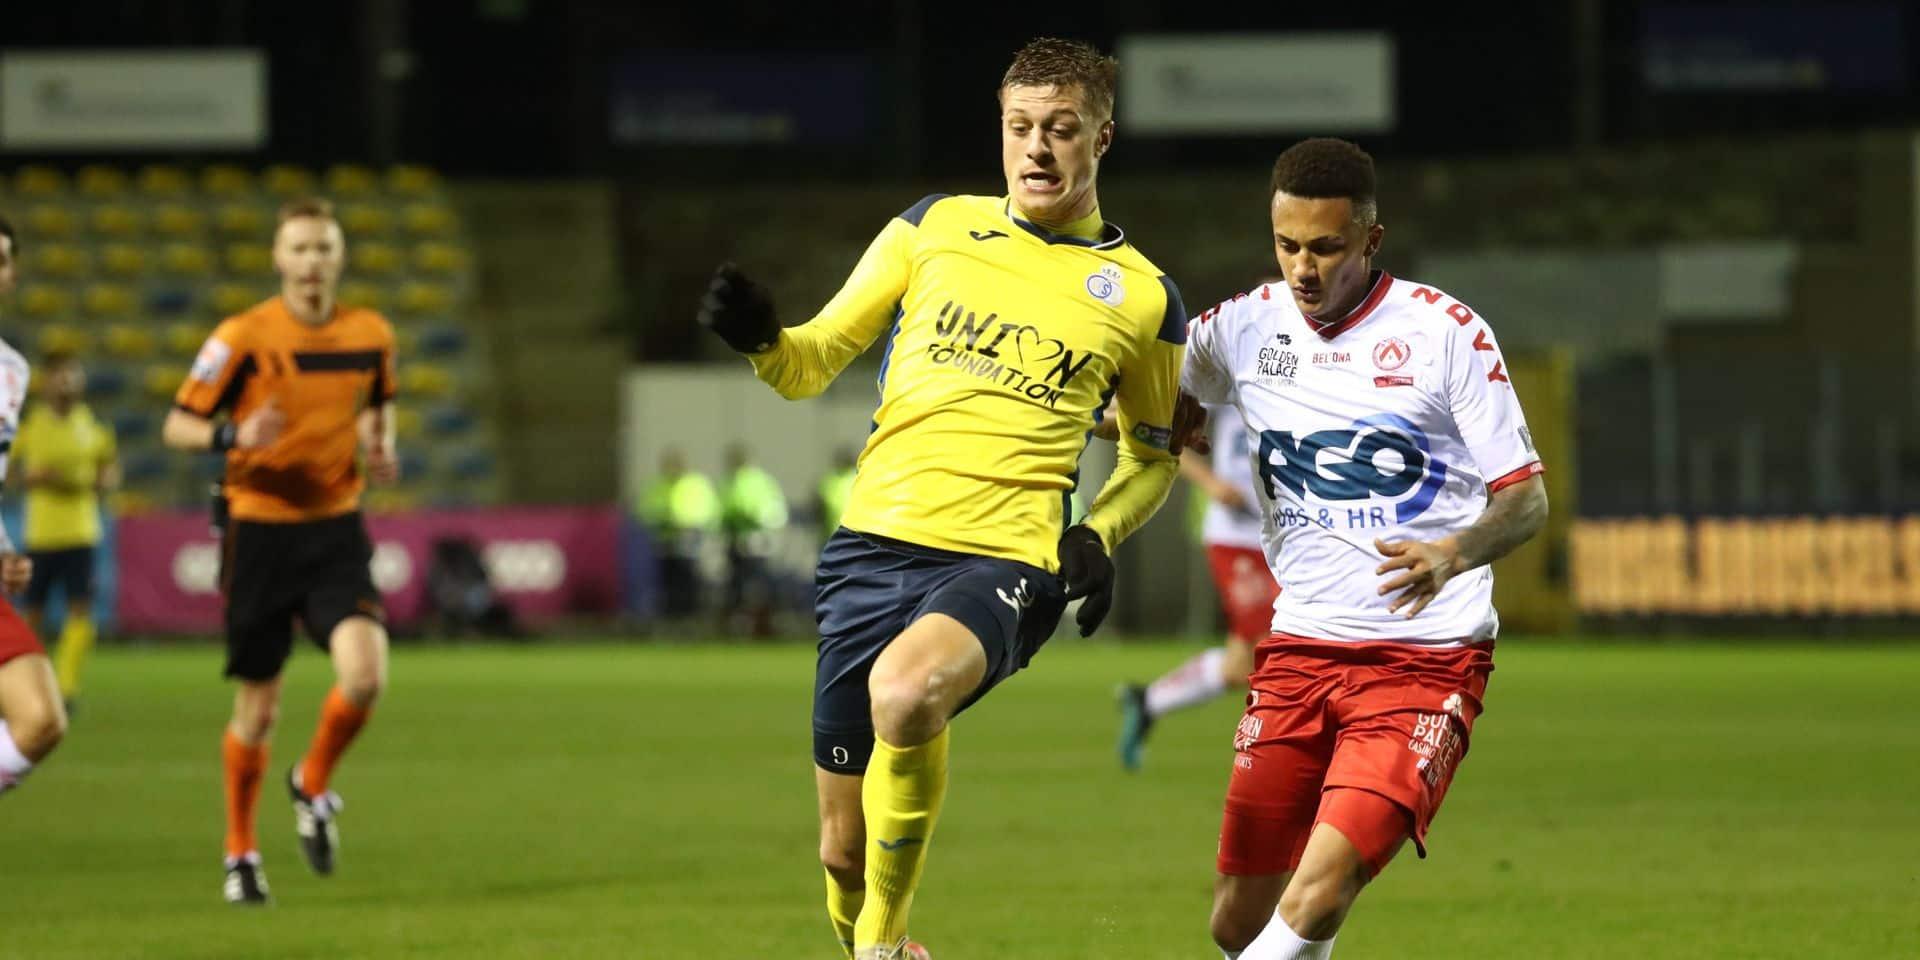 Roman Ferber quitte l'Union et rejoint Mandel United